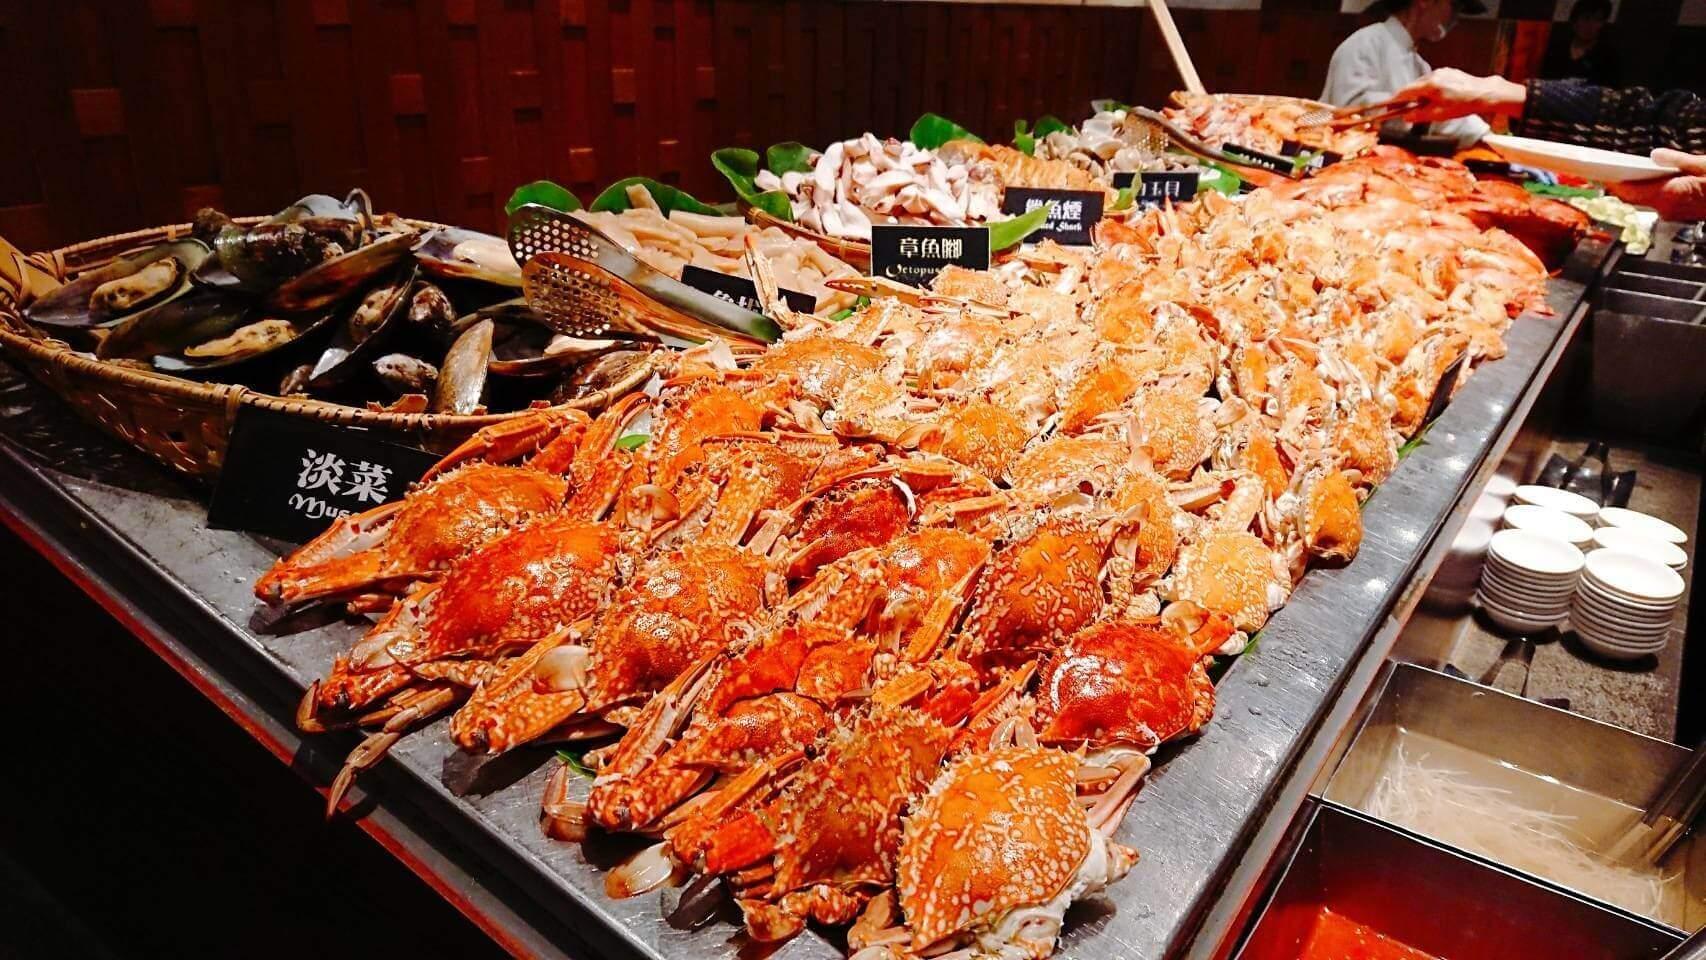 【台北東區】泰市場–各式海鮮吃好吃滿的吃到飽泰式料理